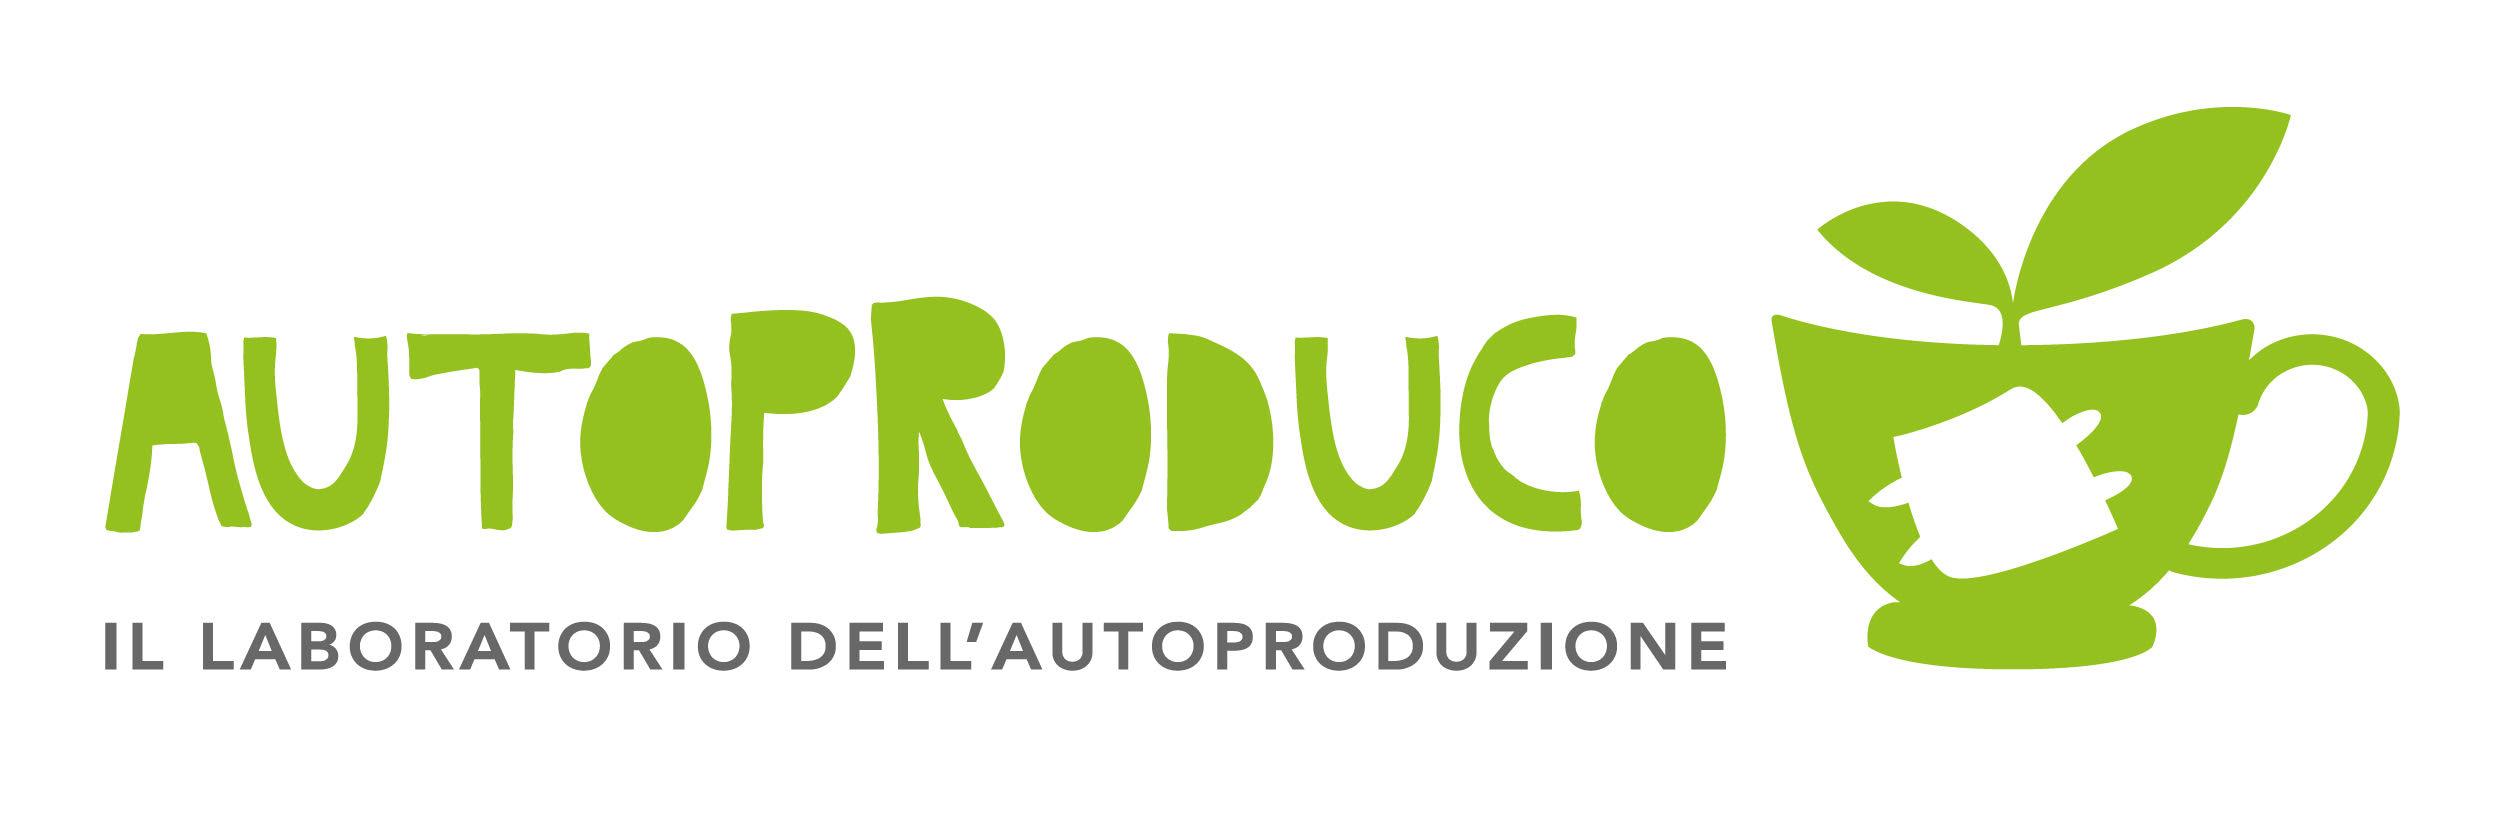 Autoproduco